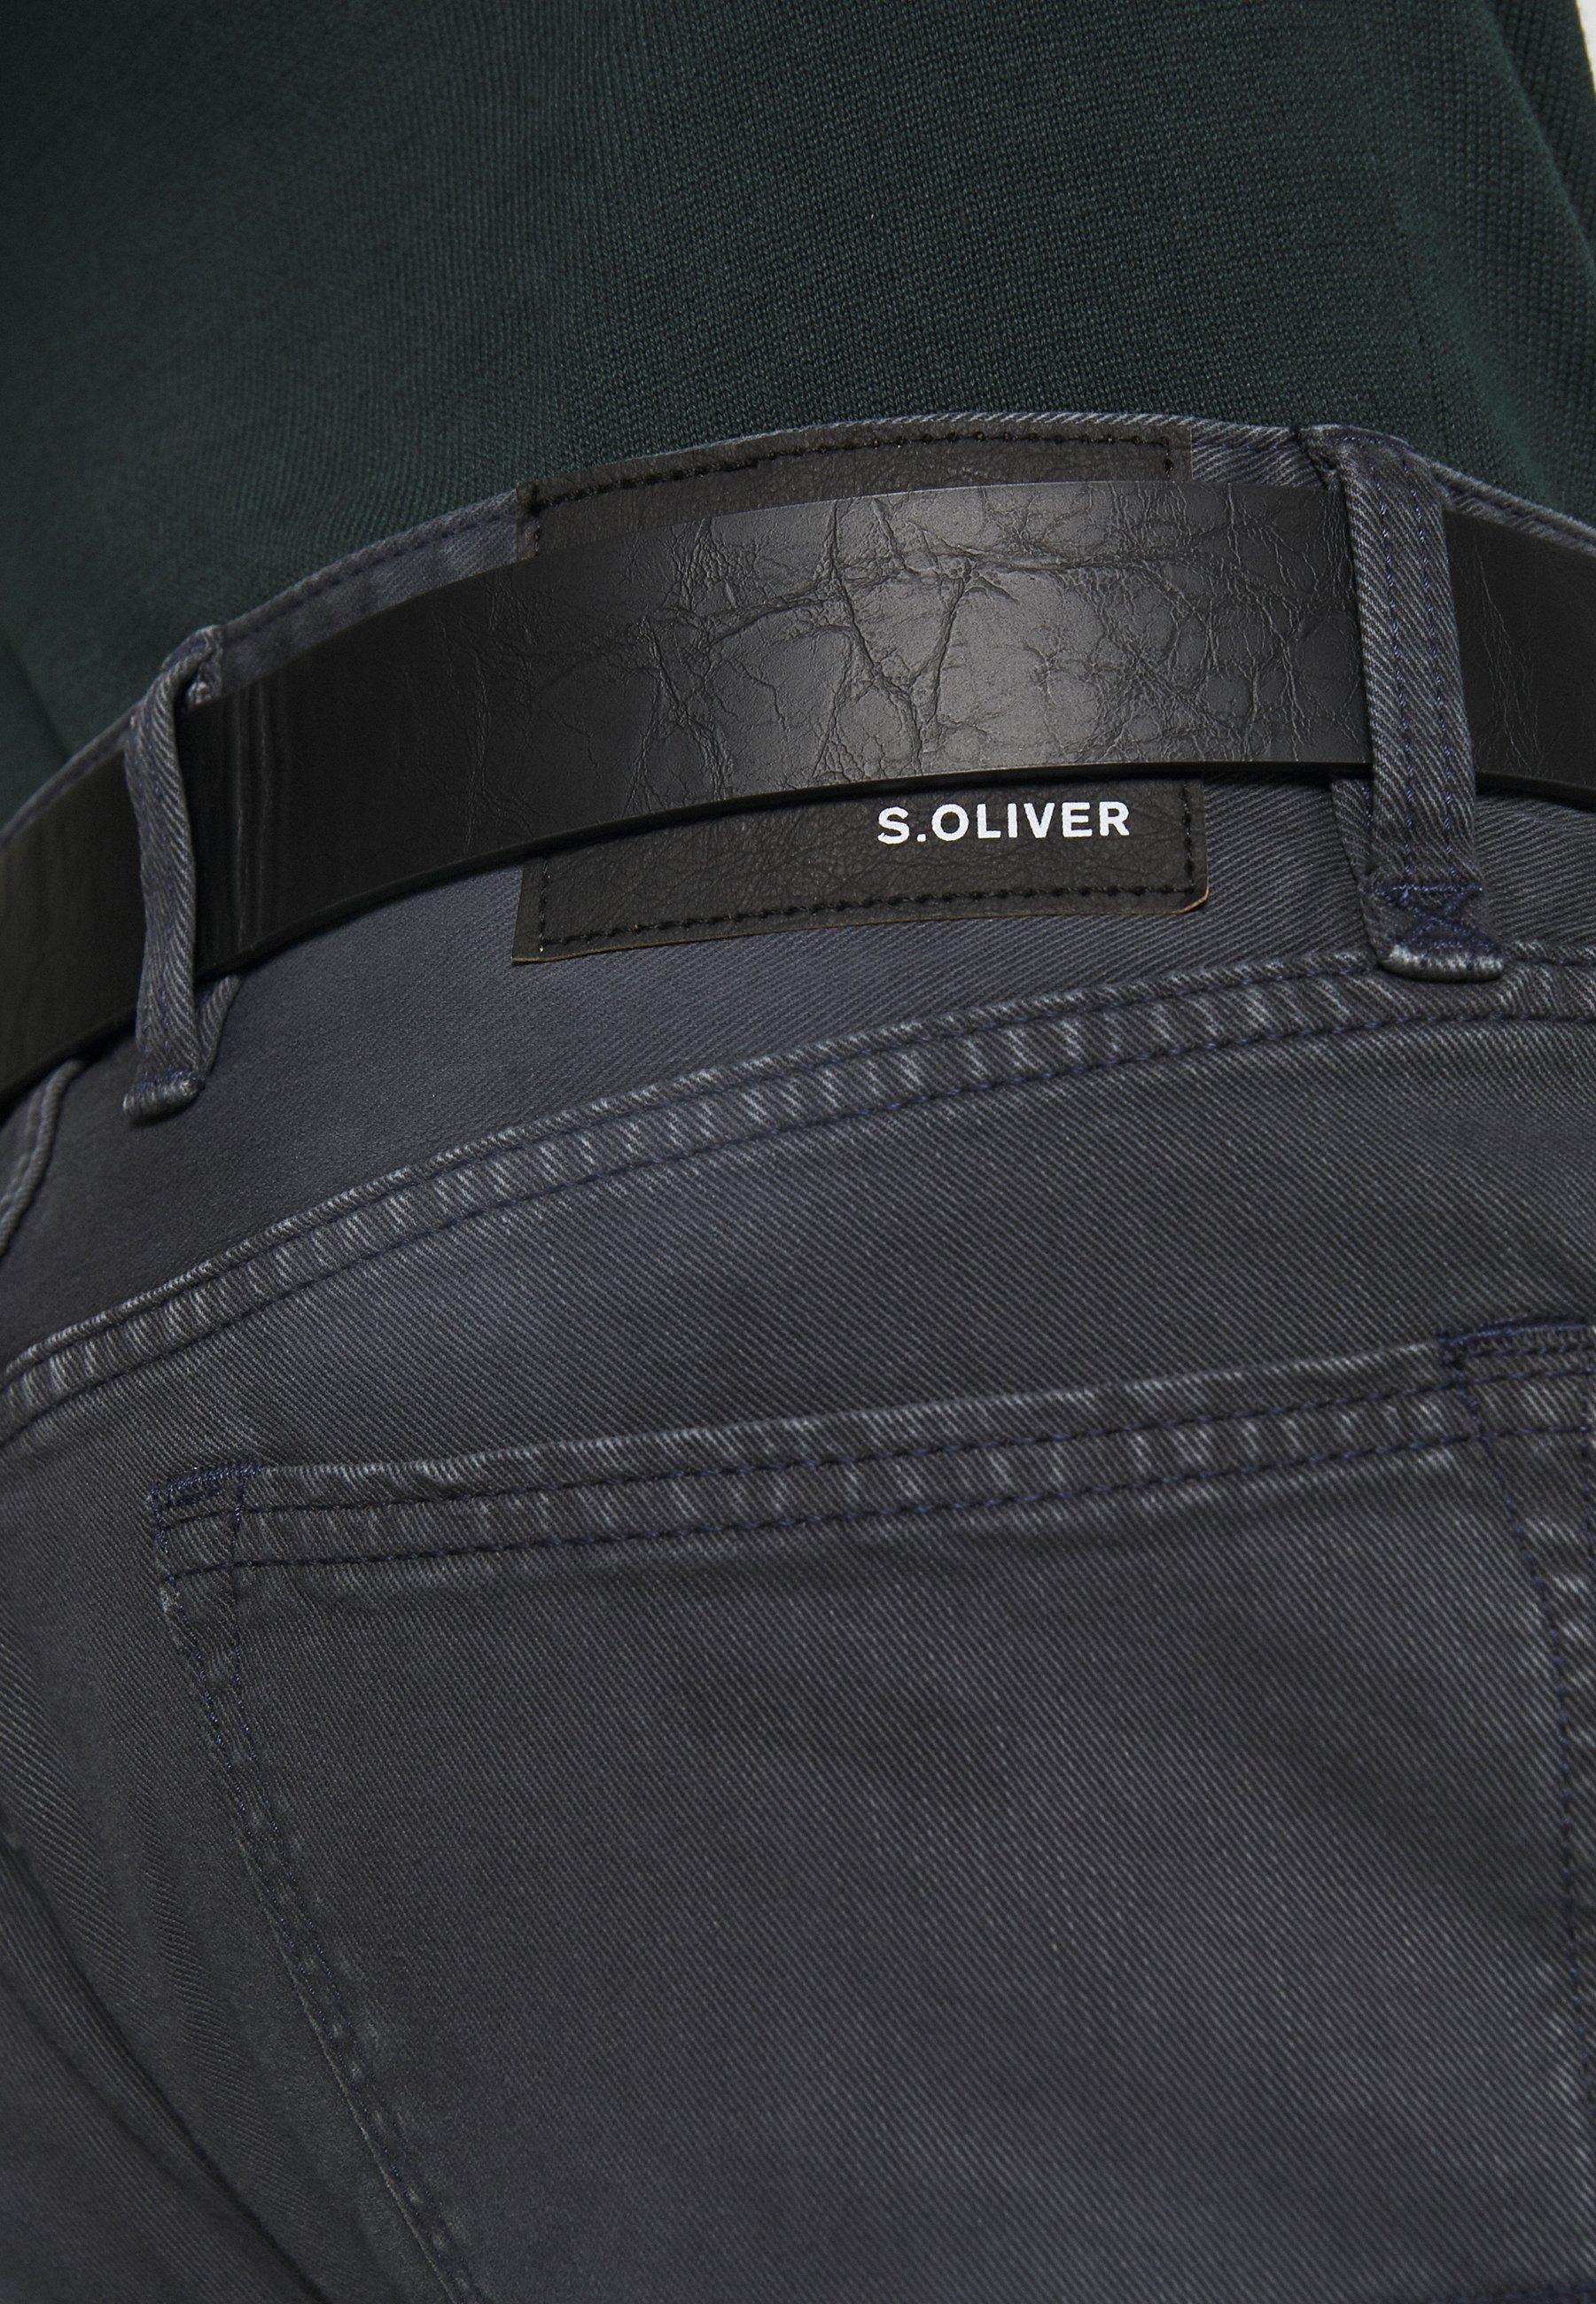 S.oliver Jeans Slim Fit - Denim Dark